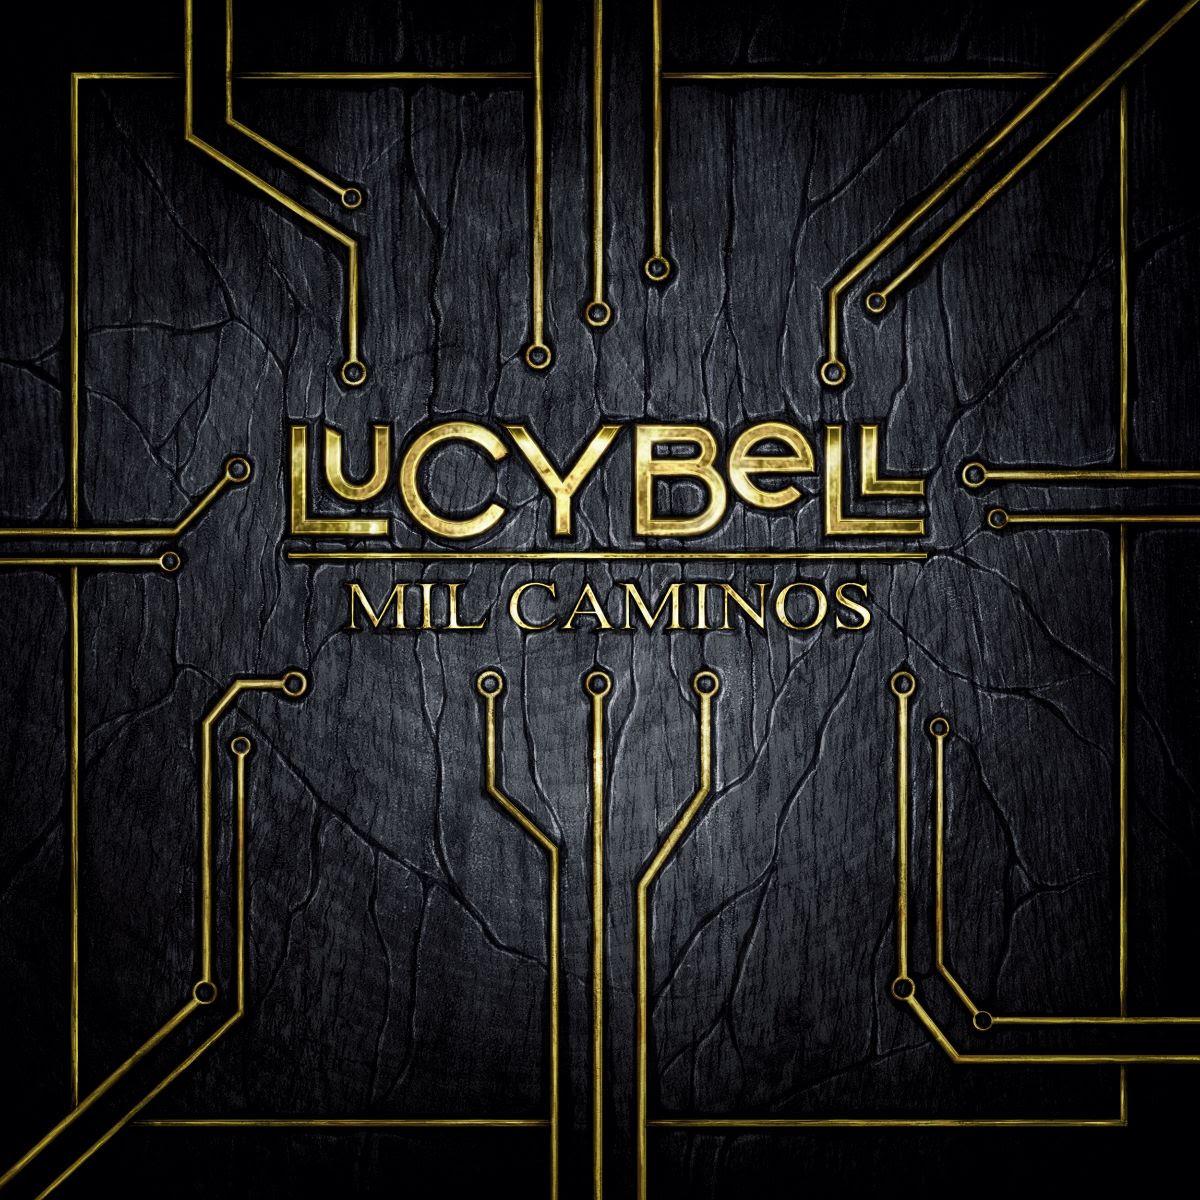 lucybell publica mil caminos su esperado disco unnamed 2020 10 11t064959.656